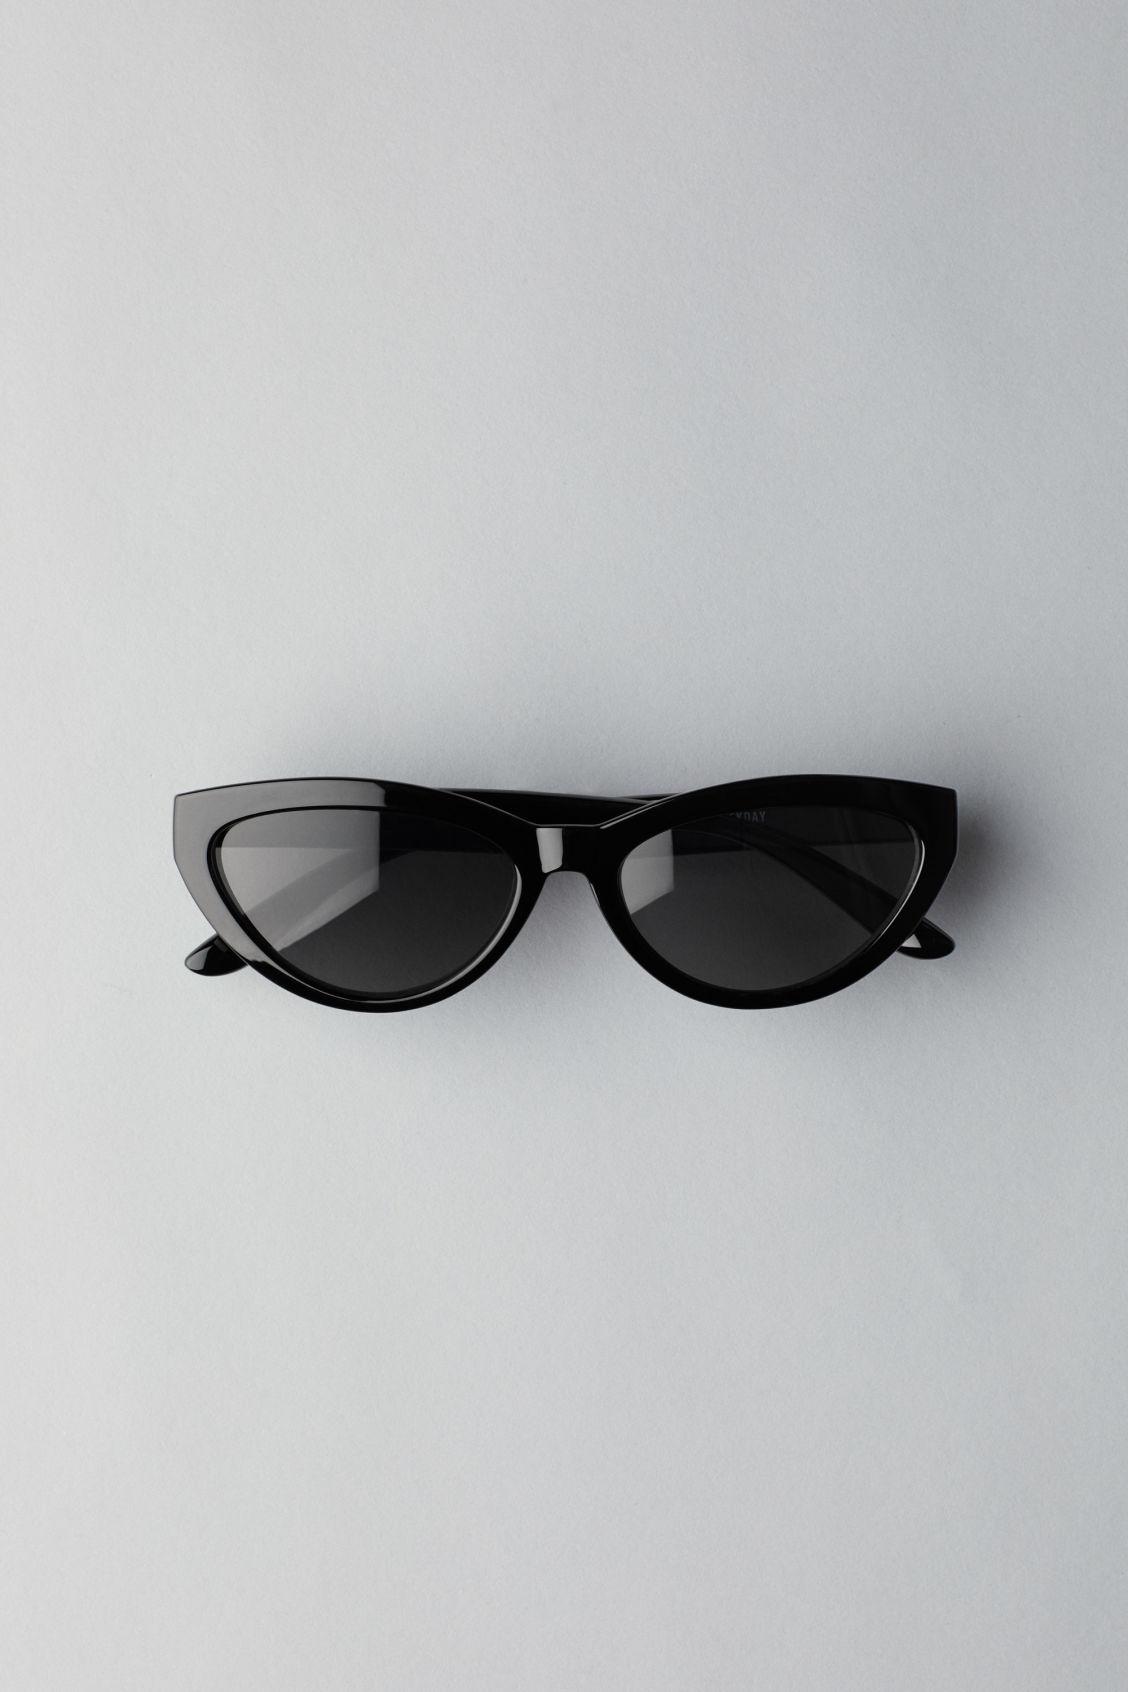 Weekday Arrival Cateye Sunglasses - Brown u6i7dVj